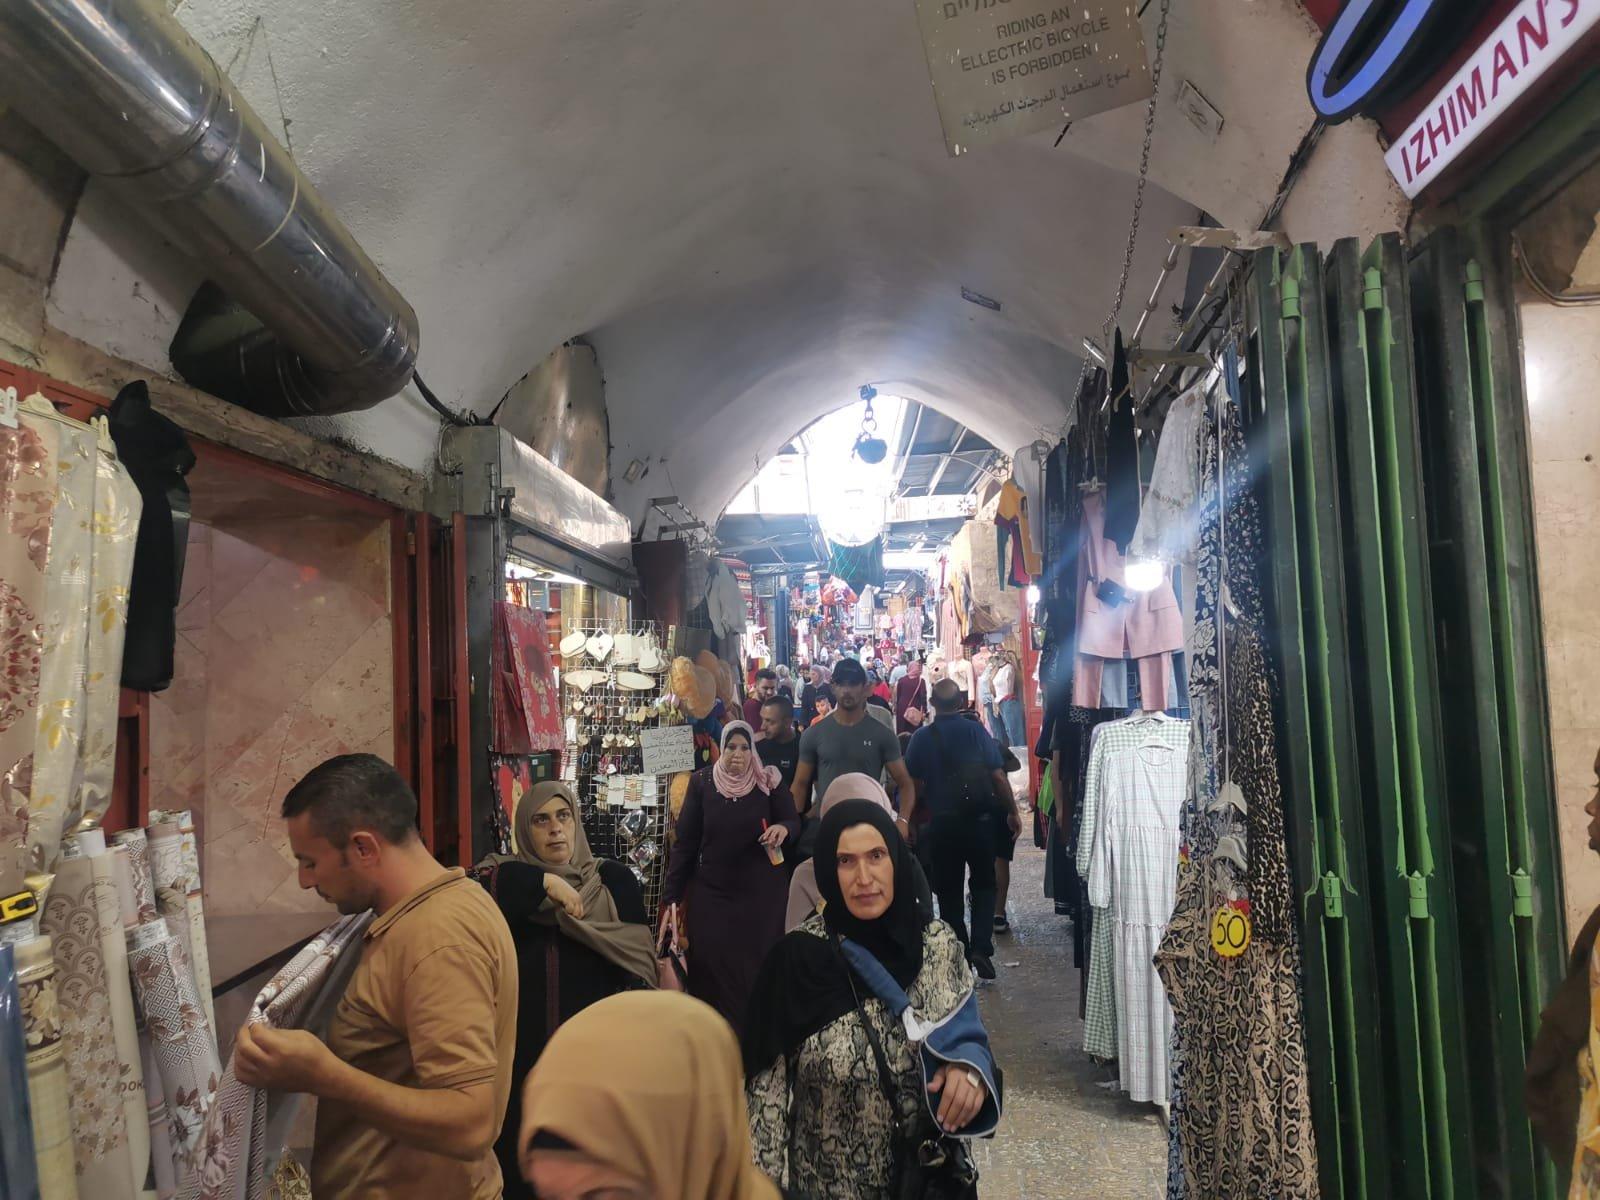 قبيل عيد الأضحى .. الأوضاع الاقتصادية والسياسية تلقي بظلالها على أسواق القدس-8